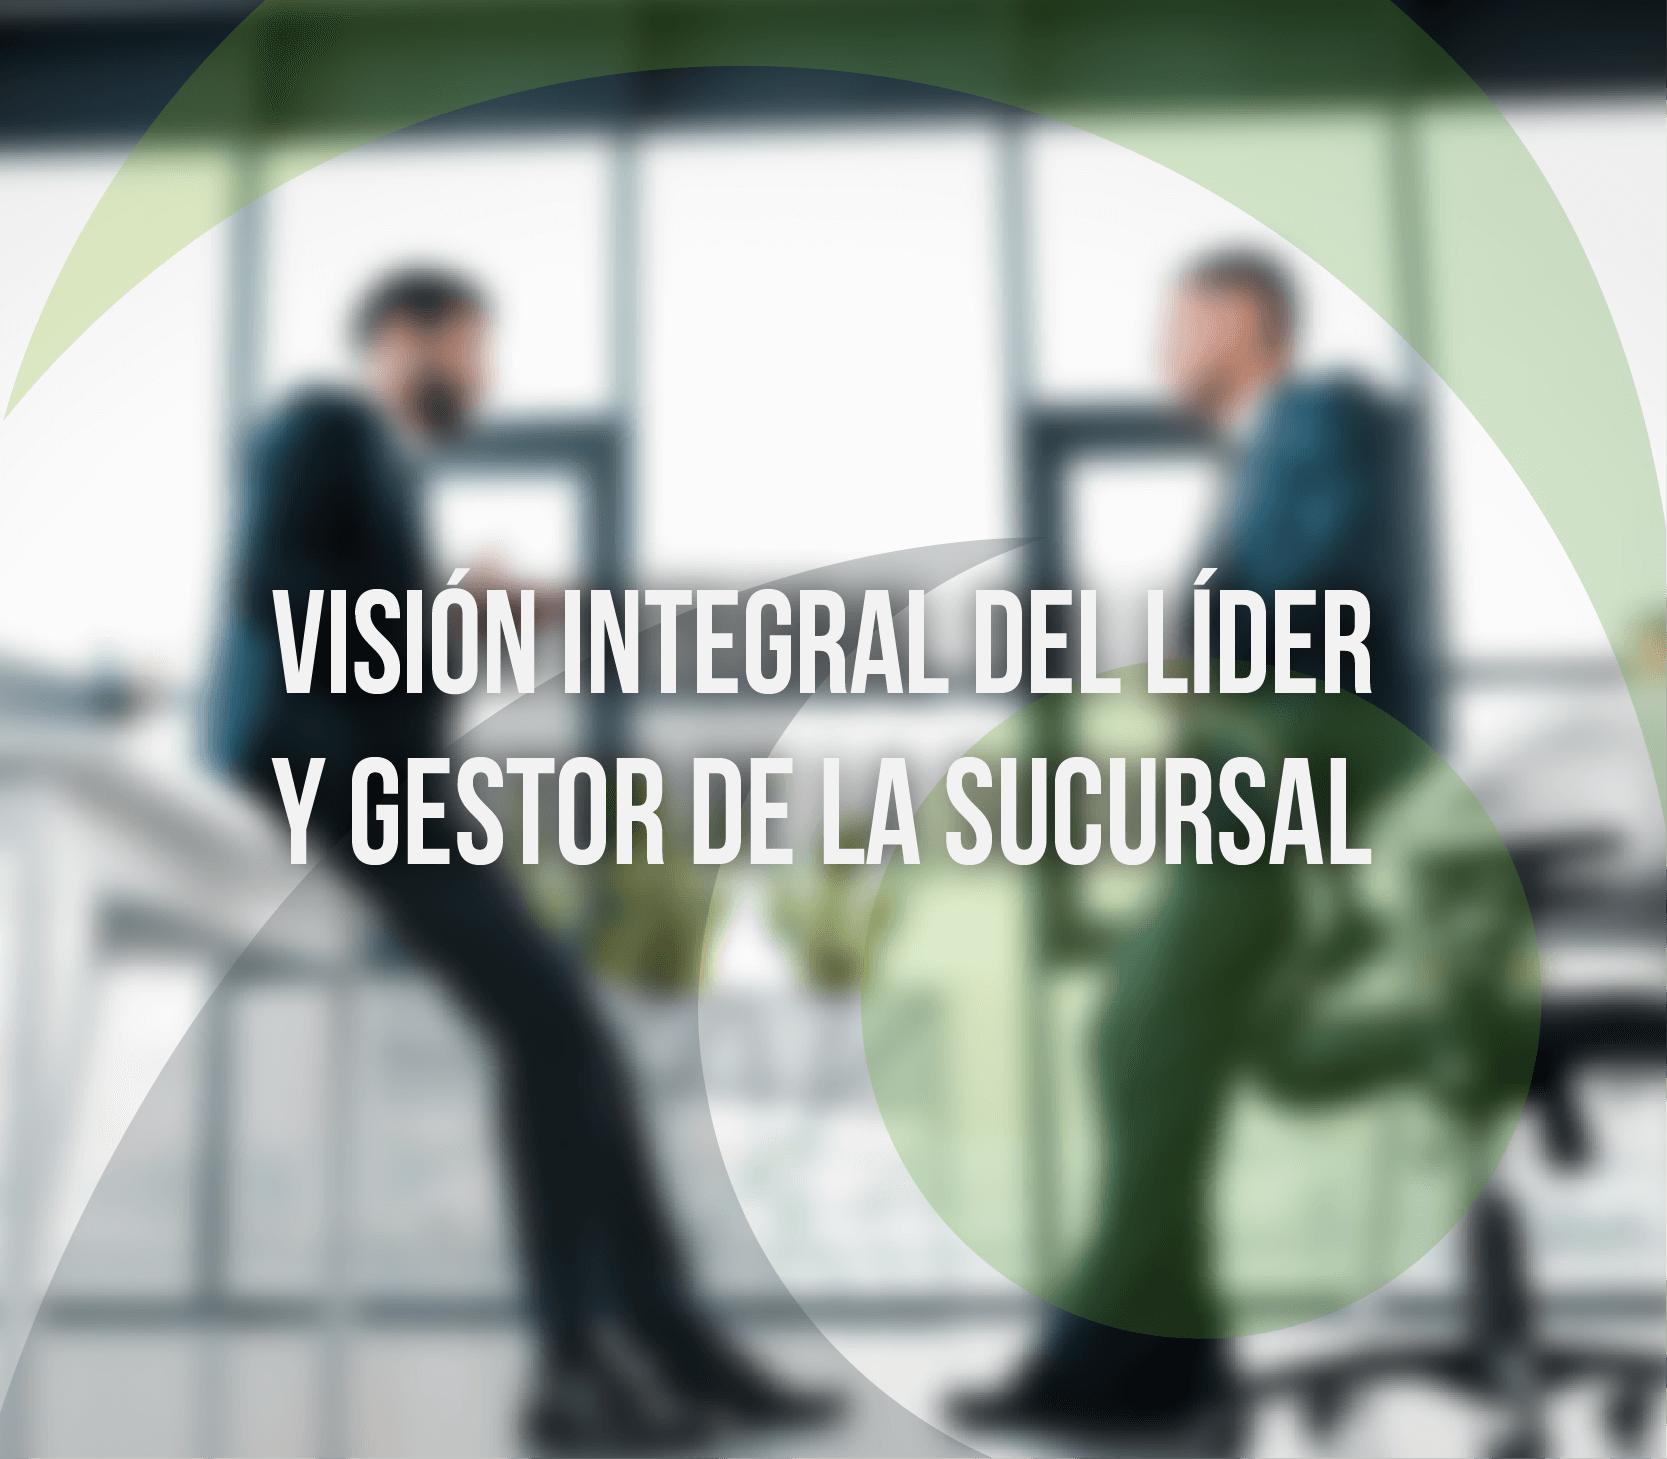 jefes-de-agencia-capacitacion-cursos-empresas-ideasgrooup-quito-ecuador